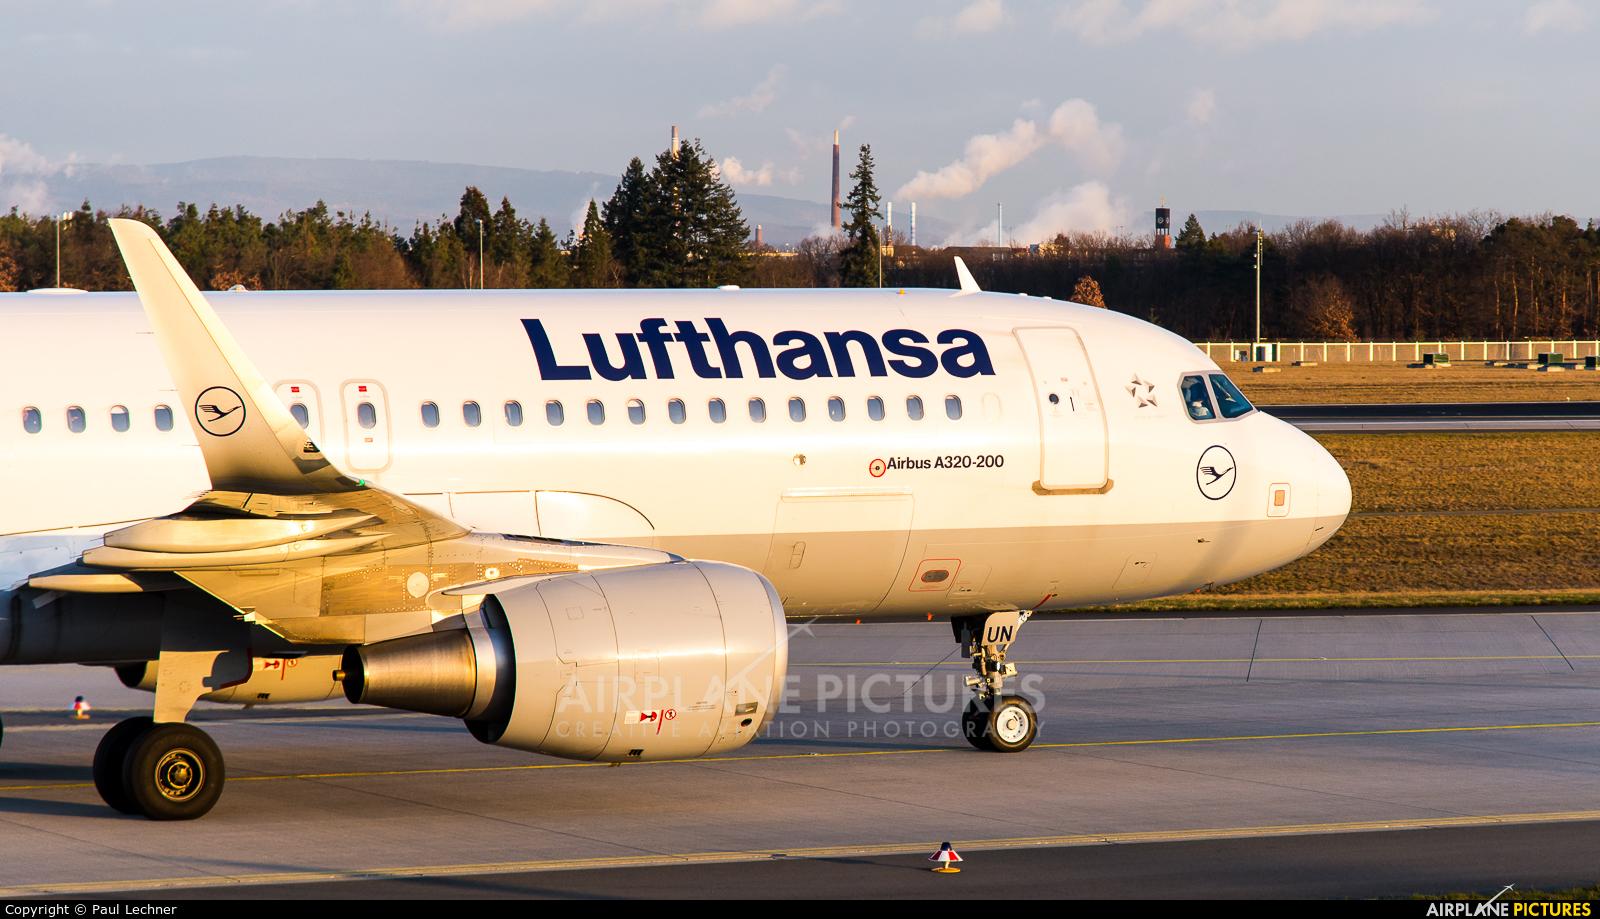 Lufthansa D-AIUN aircraft at Frankfurt